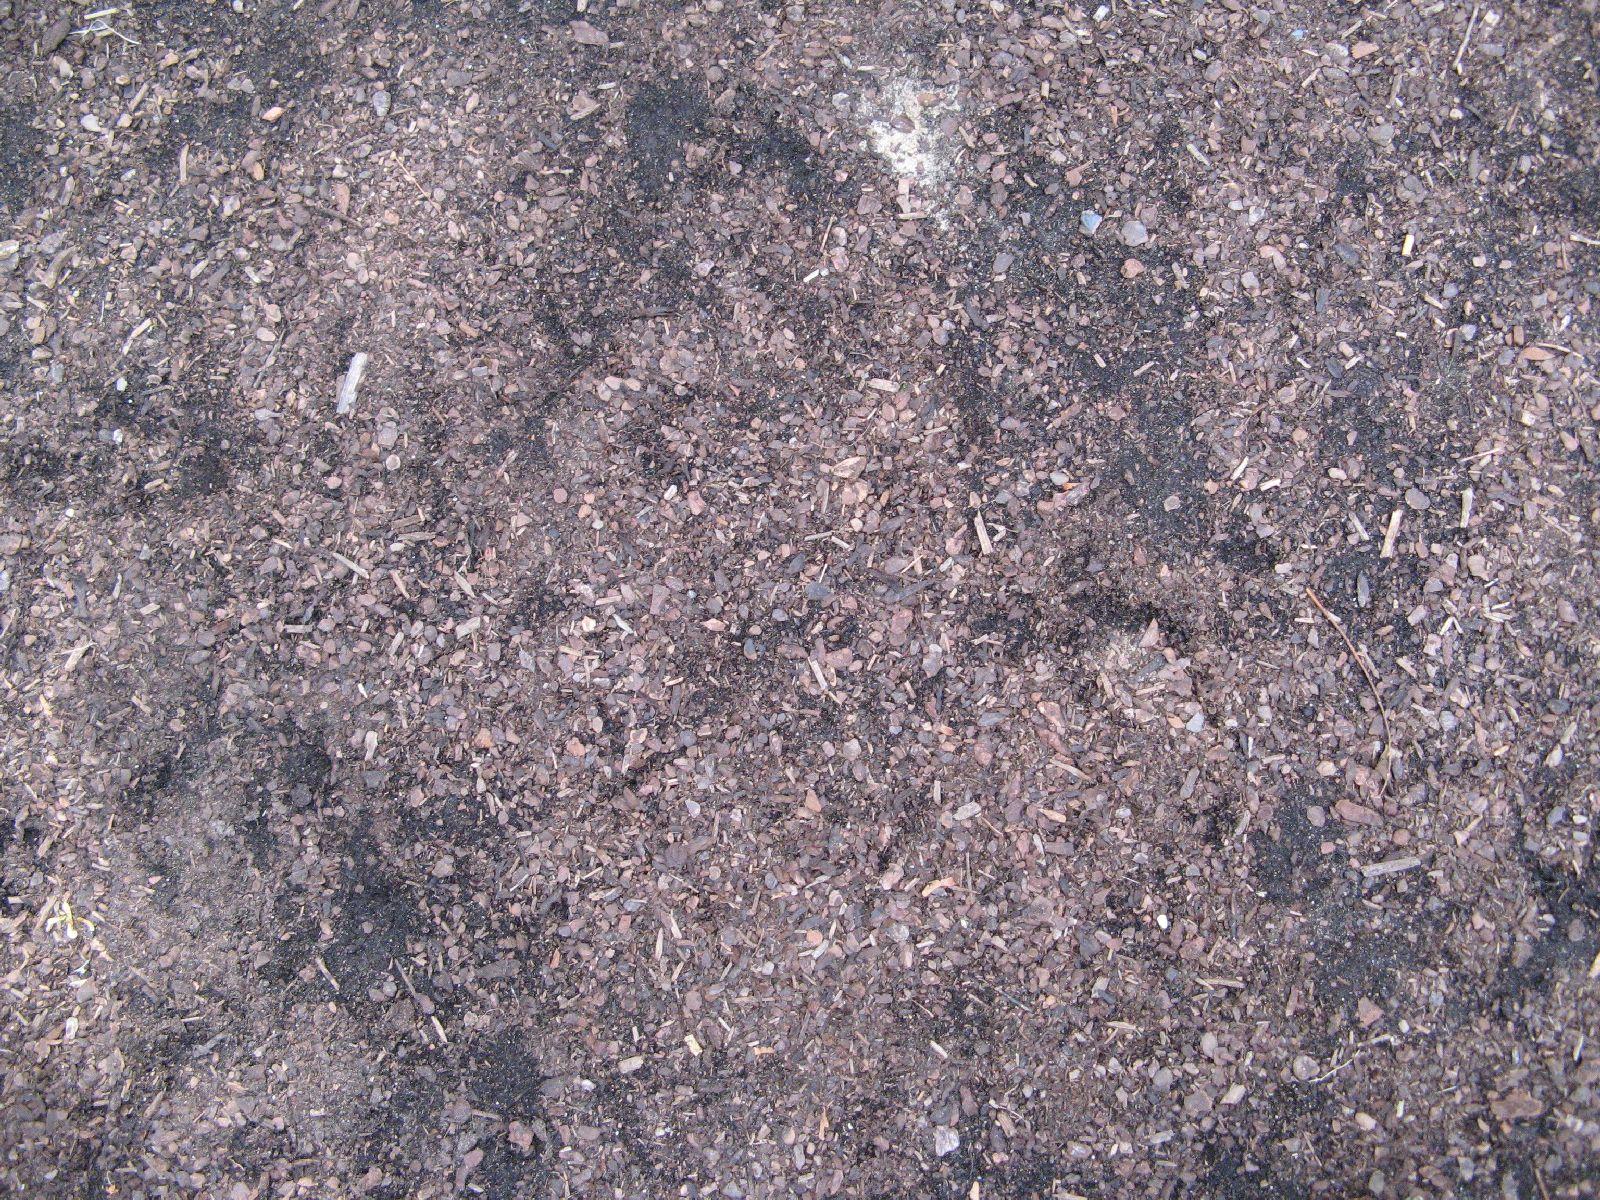 Boden-Erde-Steine_Textur_B_1092